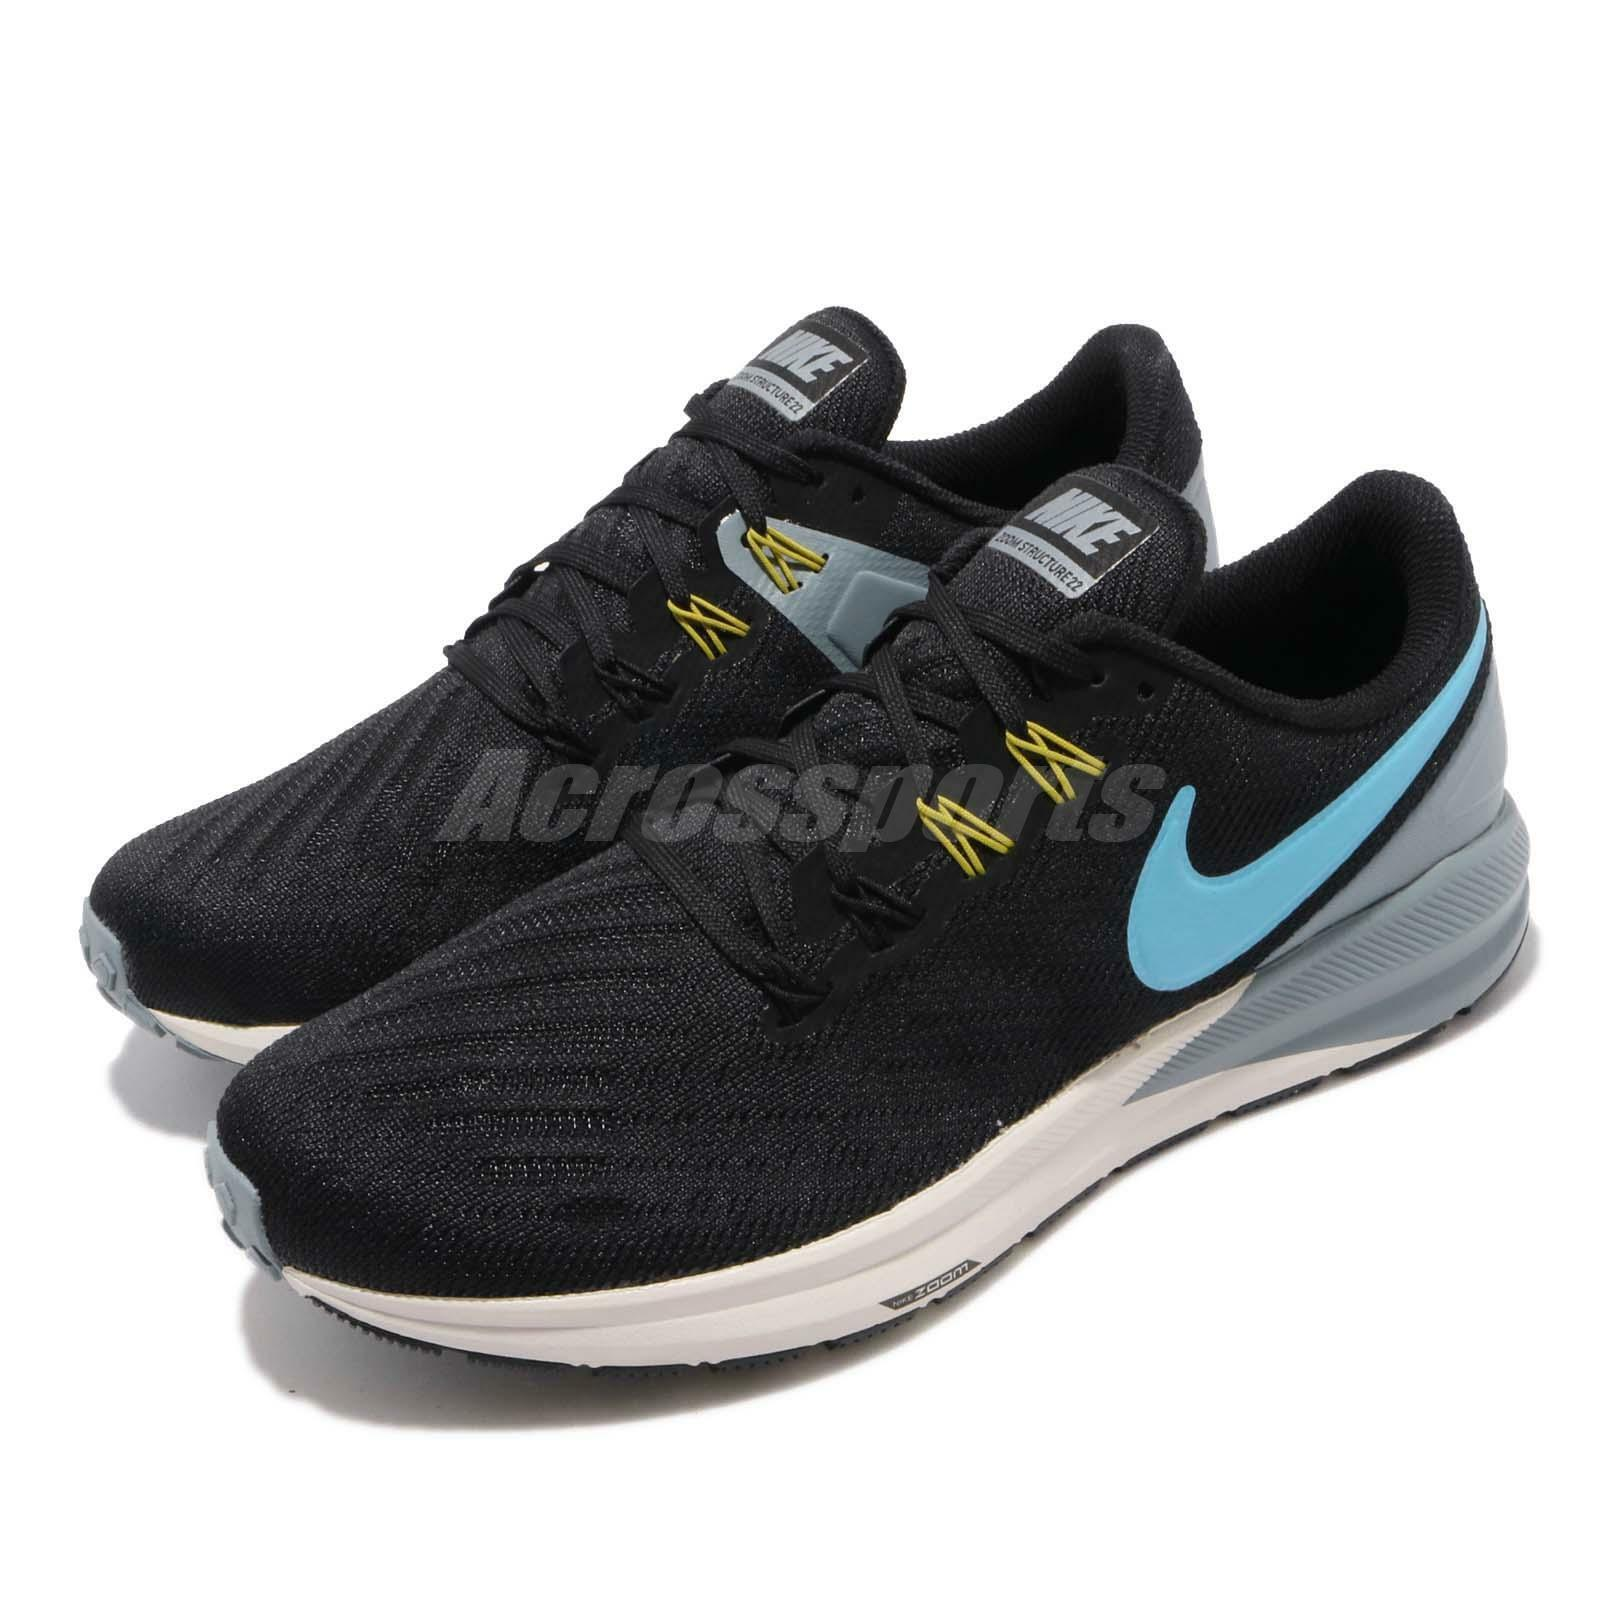 Nike air zoom zoom zoom struttura 22 uomini scarpe da corsa scarpe formatori - 1 | Bella Ed Affascinante Della  | Maschio/Ragazze Scarpa  ad4c68